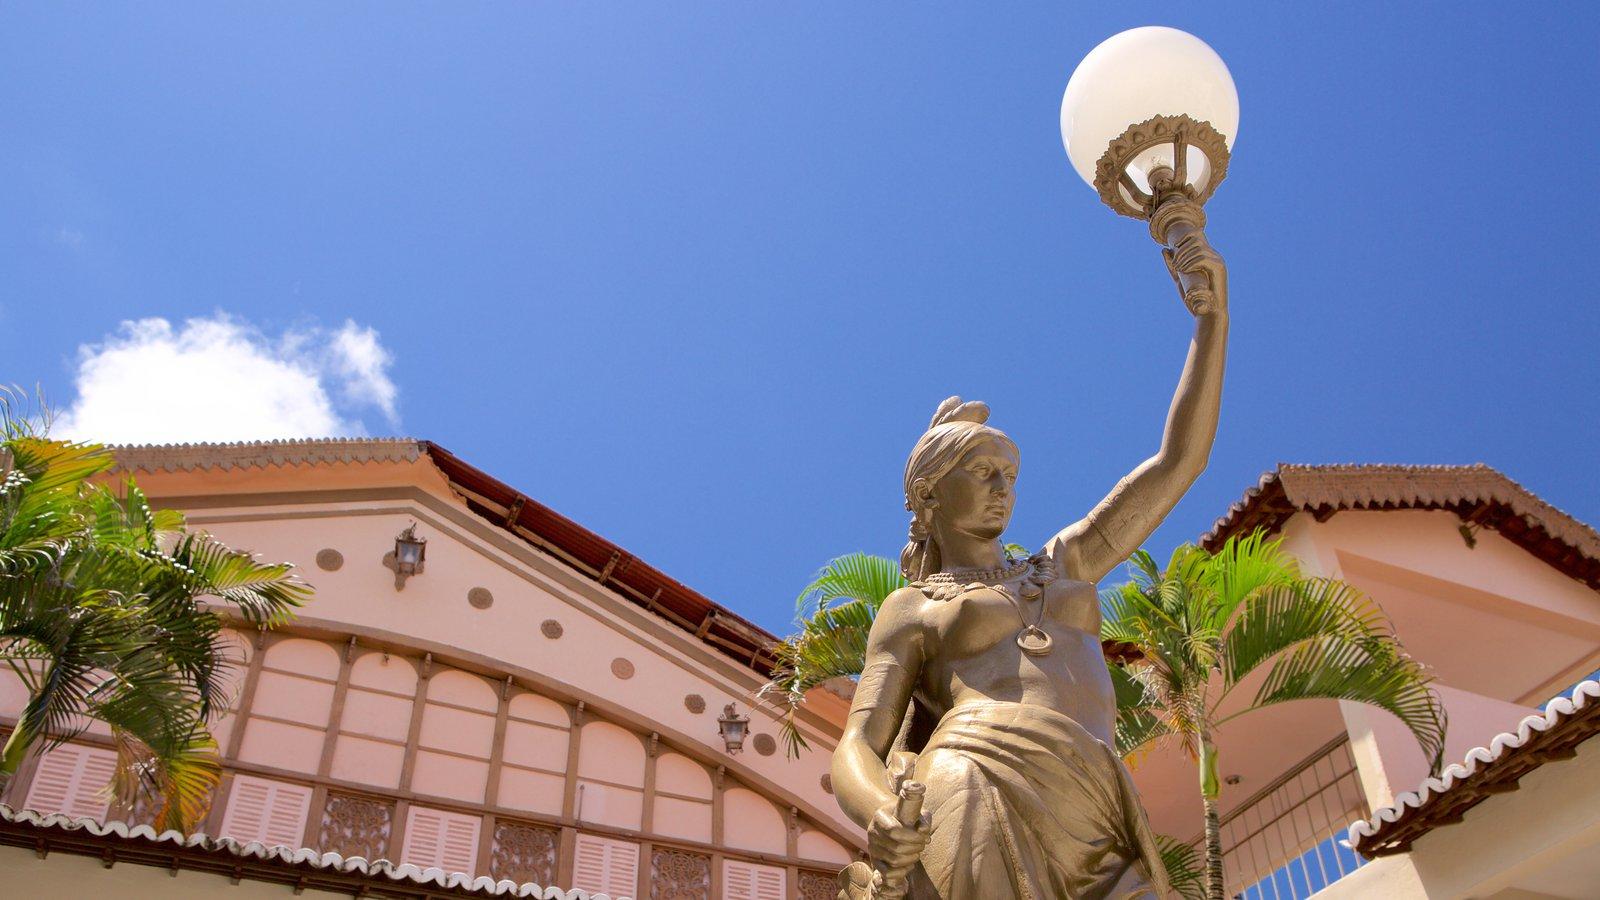 Teatro Alberto Maranhão caracterizando uma estátua ou escultura